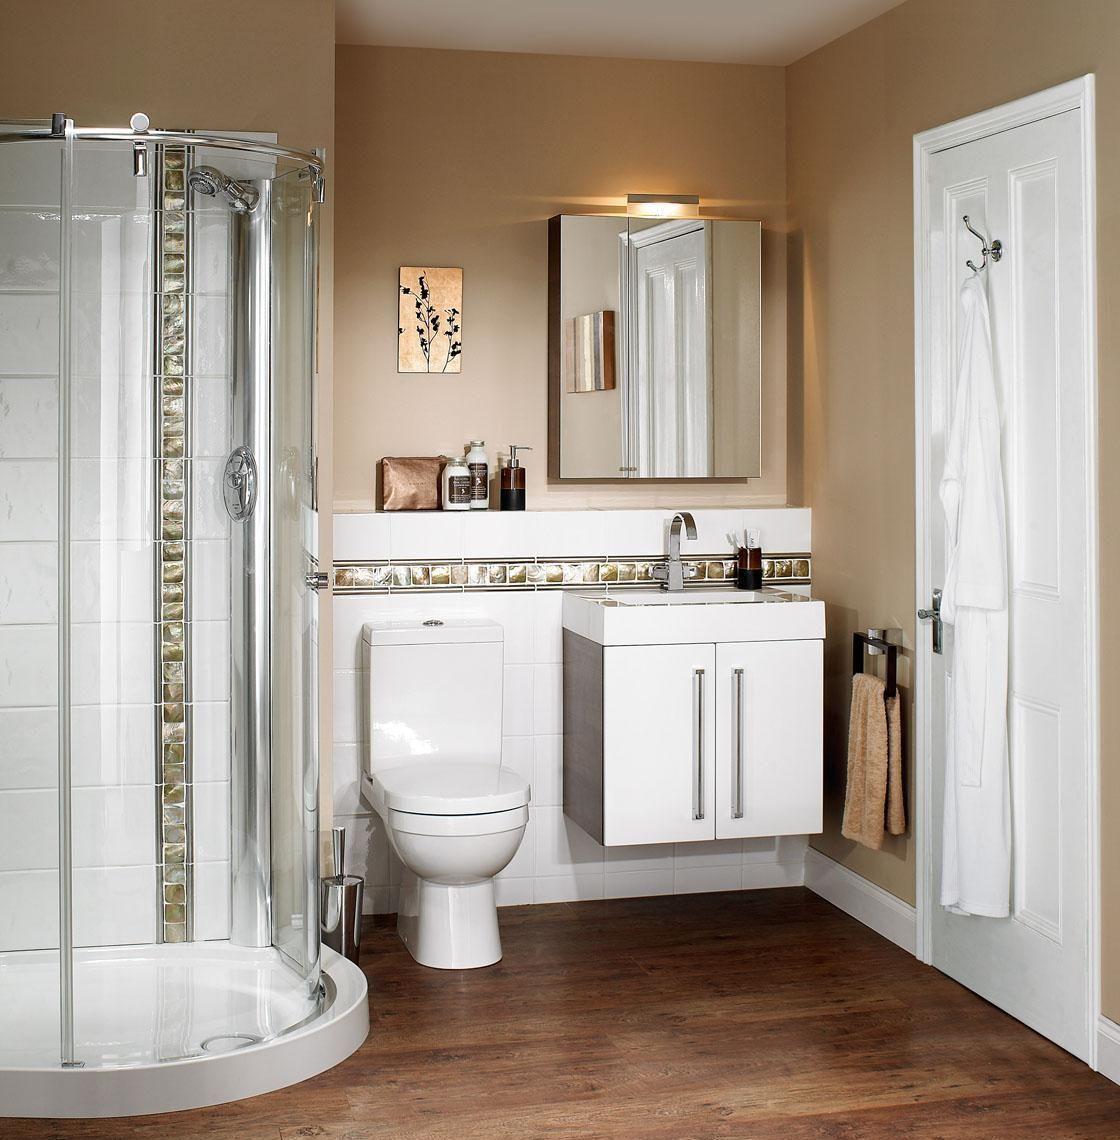 Materiales-ideales-para-baños-pequeños. | baños | Pinterest | Baño ...